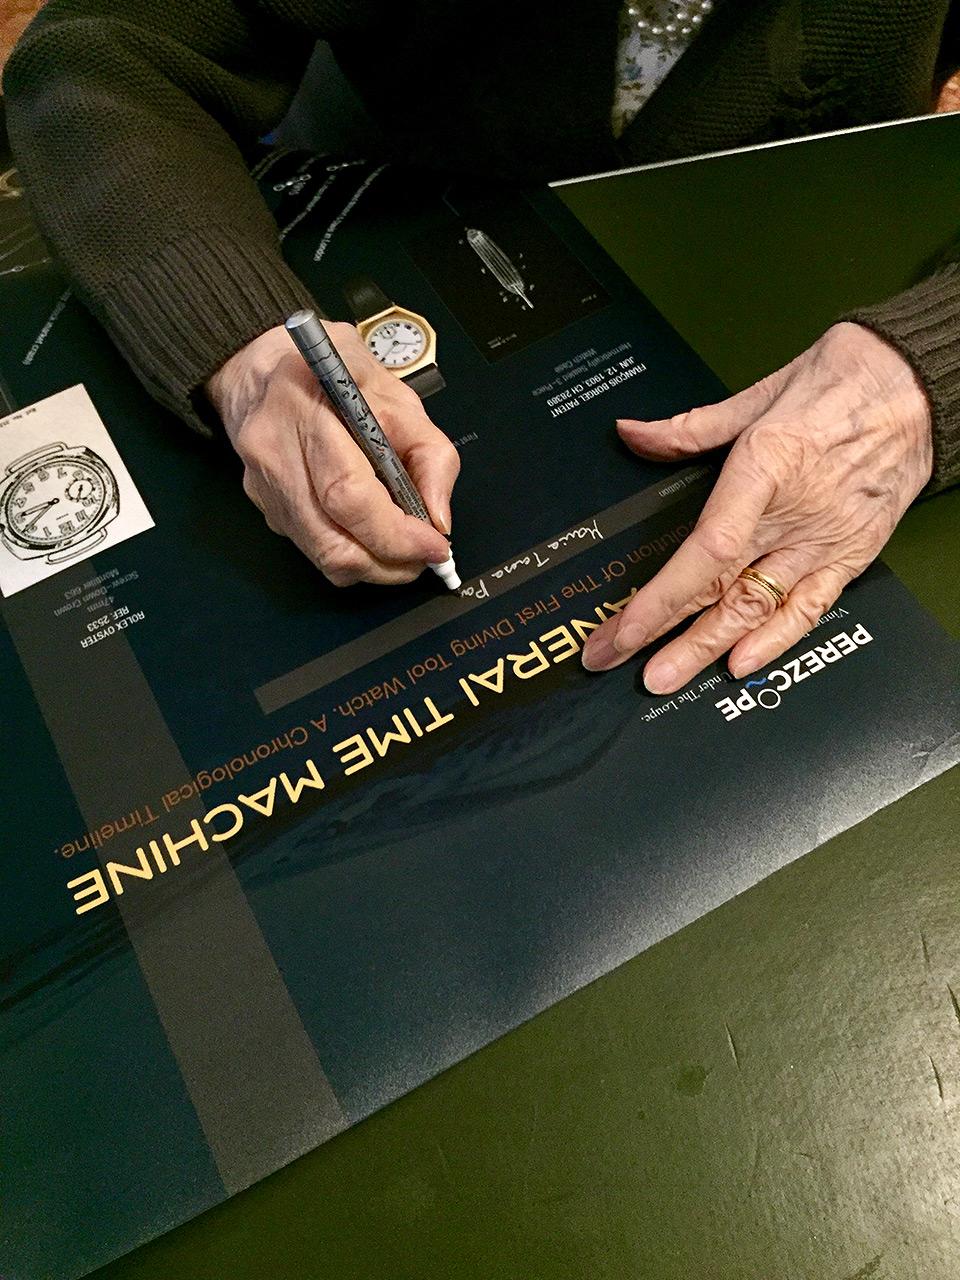 170521-villino-panerai-maria-signing